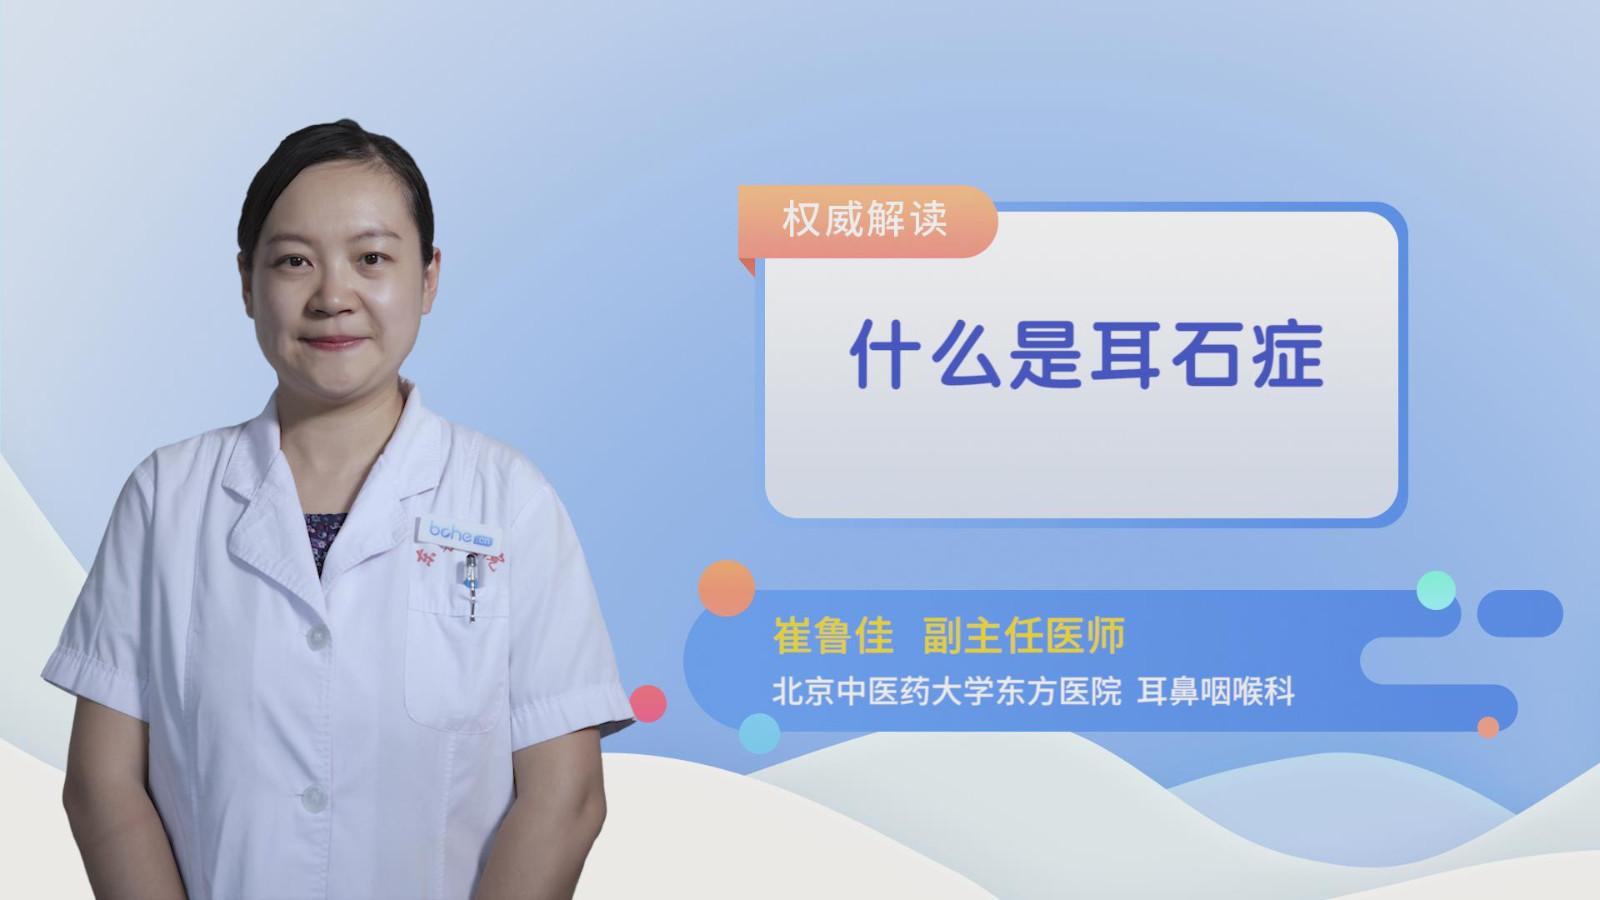 什么是耳石症